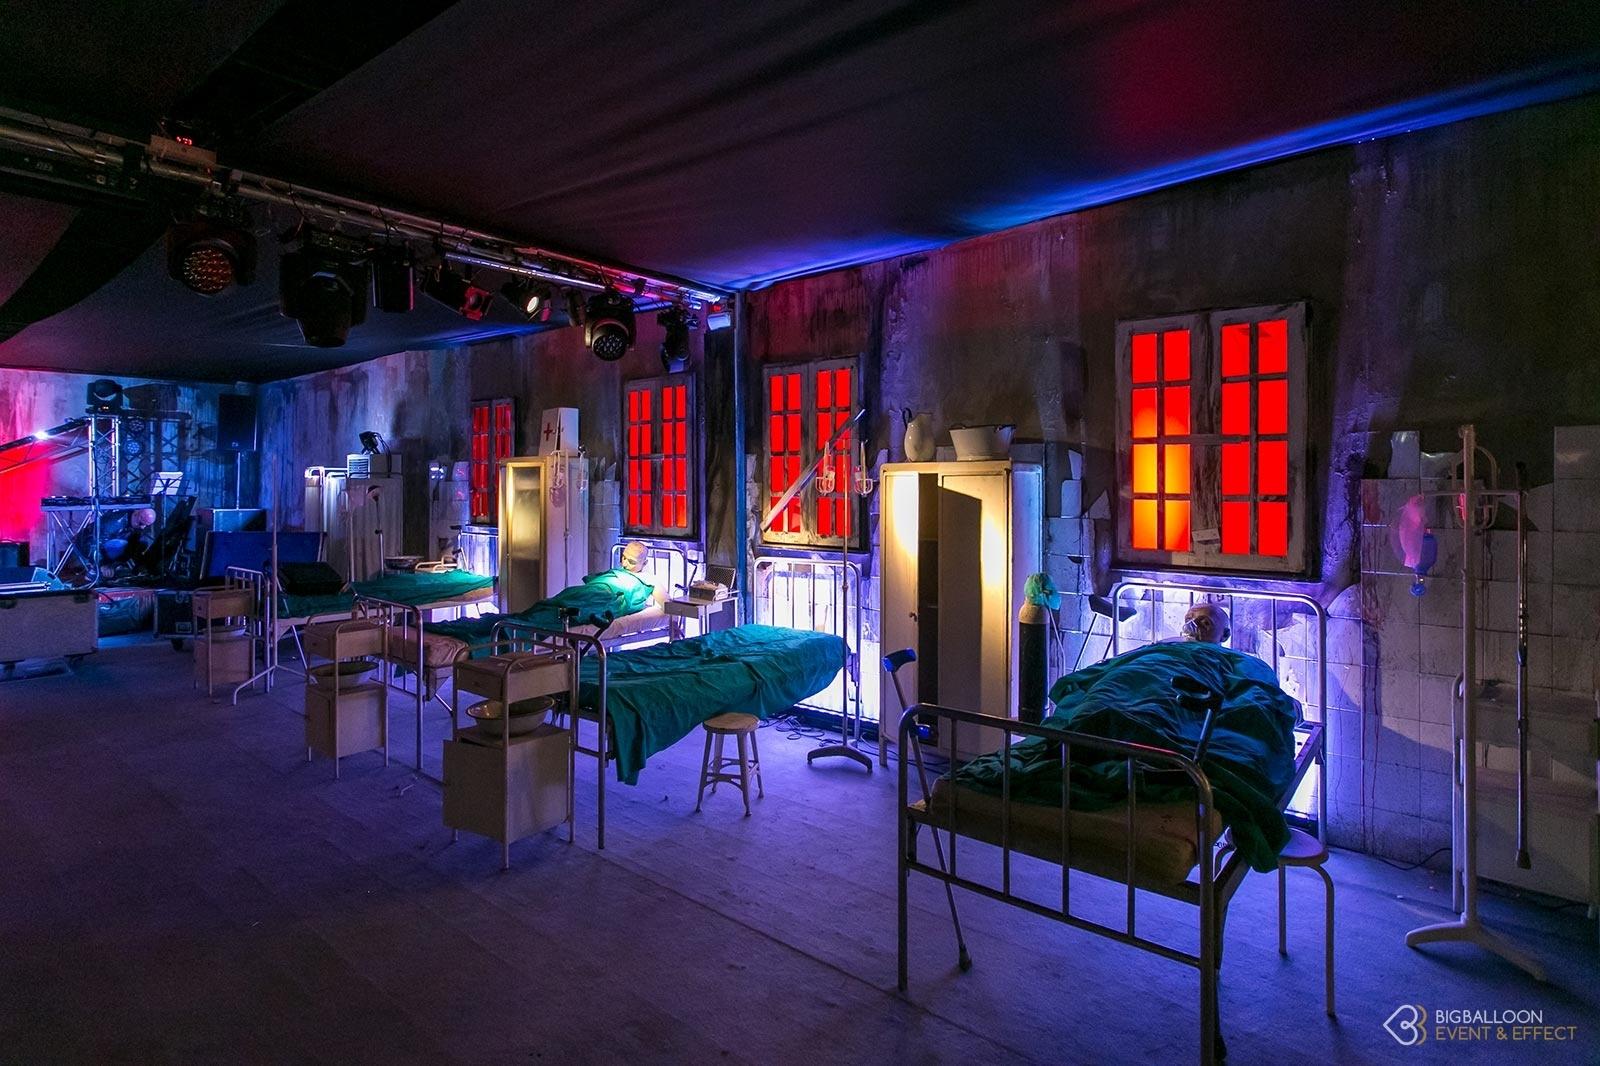 Scenografia ospedale psichiatrico con pezzi d'epoca e manichini - Halloween Party- BigBalloonGroup